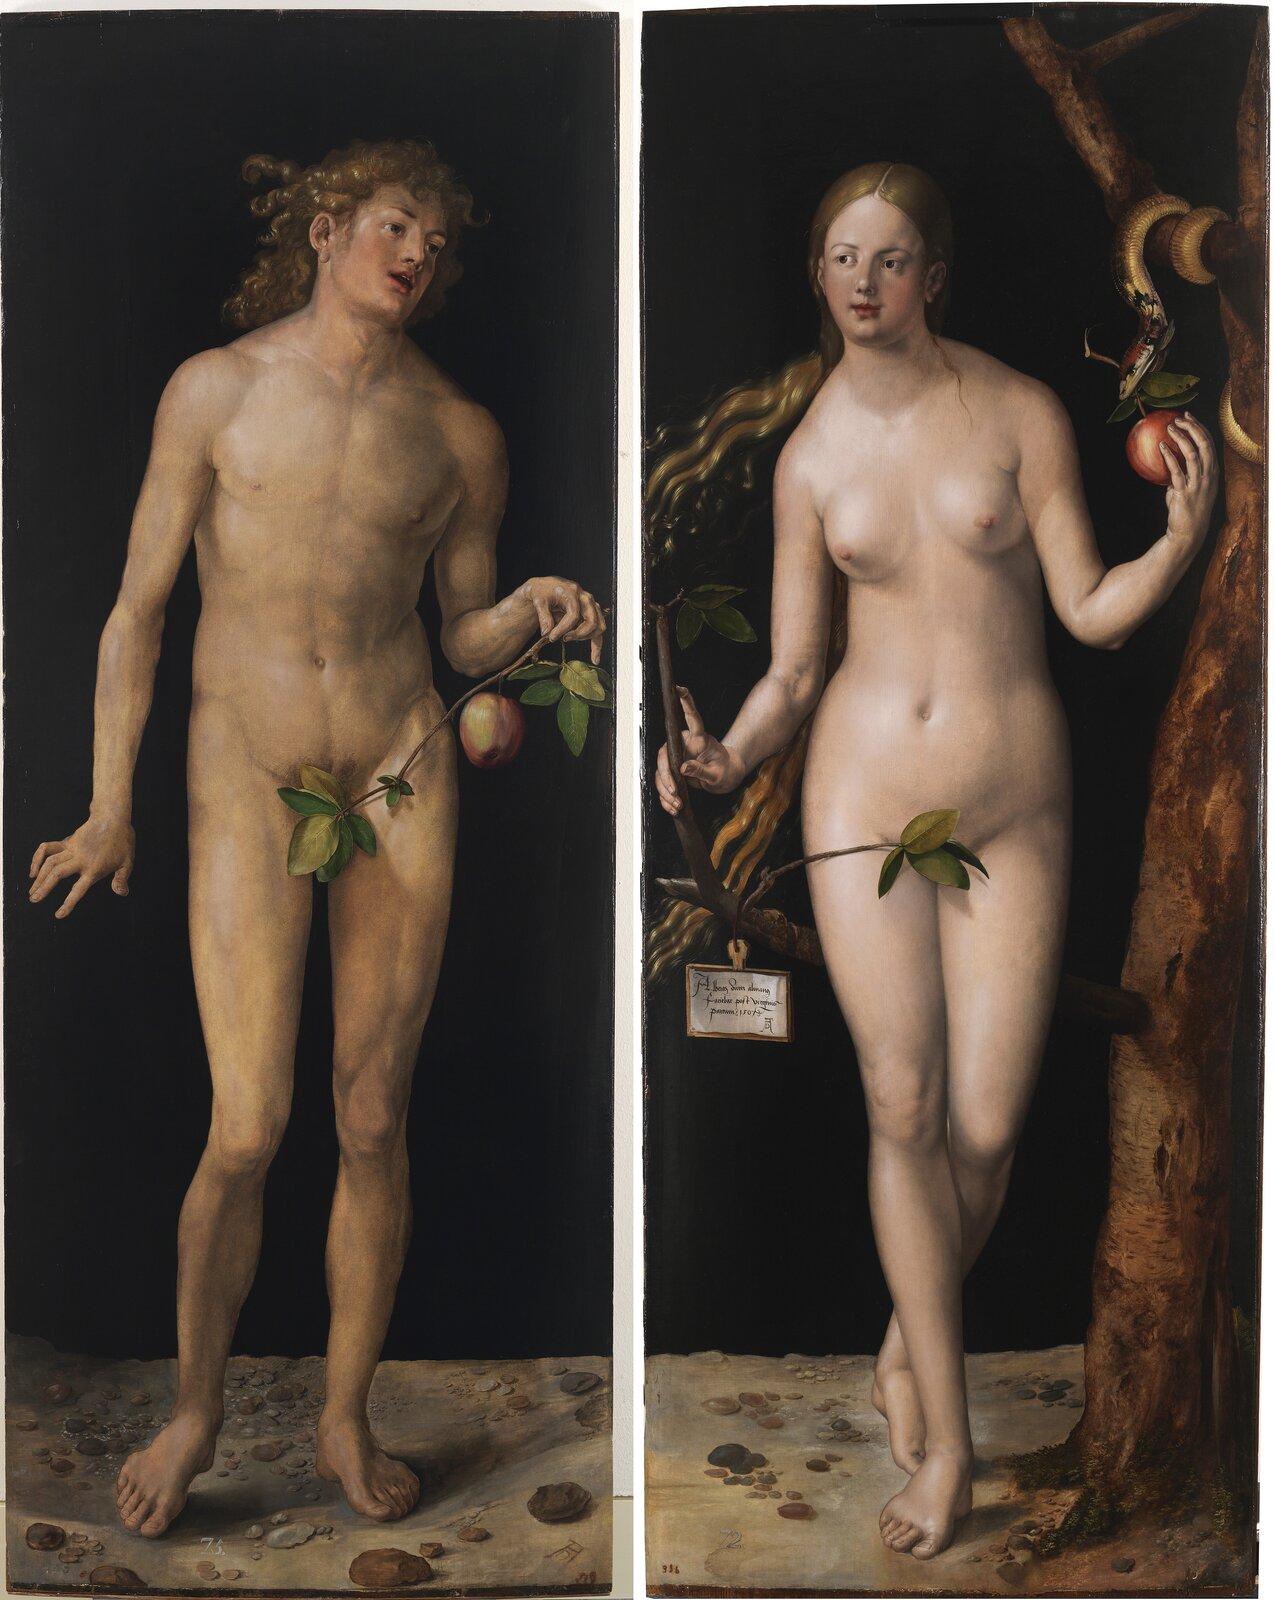 """Ilustracja przedstawia obraz """"Adam iEwa"""" autorstwa Albrechta Dürera. Dzieło składa się zdwóch części na których ukazane są nagie postacie Adama iEwy. Wlewej części dyptyku znajduje się młody mężczyzna trzymający wlewej ręce gałązkę zjabłkiem. Postać ma długie, jasne, kręcone włosy opadające na plecy. Usta Adama są otworzone – jakby coś mówił, natomiast jego twarz skierowana jest wlewą stronę, wkierunku namalowanej po prawej stronie dyptyku Ewie. Młoda kobieta ojasnych falowanych włosach stoi przy drzewie. Wlewej ręce trzyma soczyste, czerwone jabłko, które zwisa zpyska zawiniętego na gałęzi węża. Prawą rękę opiera odrugi konar zktórego zwisa tabliczka zwykaligrafowanym tekstem iinicjałami Albrechta Dürera. Obie postacie stoją na kamienistej, gołej ziemi. Za nimi znajduje się ciemne, czarne tło. Obraz namalowany jest zdużym realizmem icharakterystyczną dla malarza dbałością odetal. Utrzymany jest wtonacji beżowej zakcentami zieleni iczerwieni. Dzieło wykonane jest wtechnice olejnej na desce."""